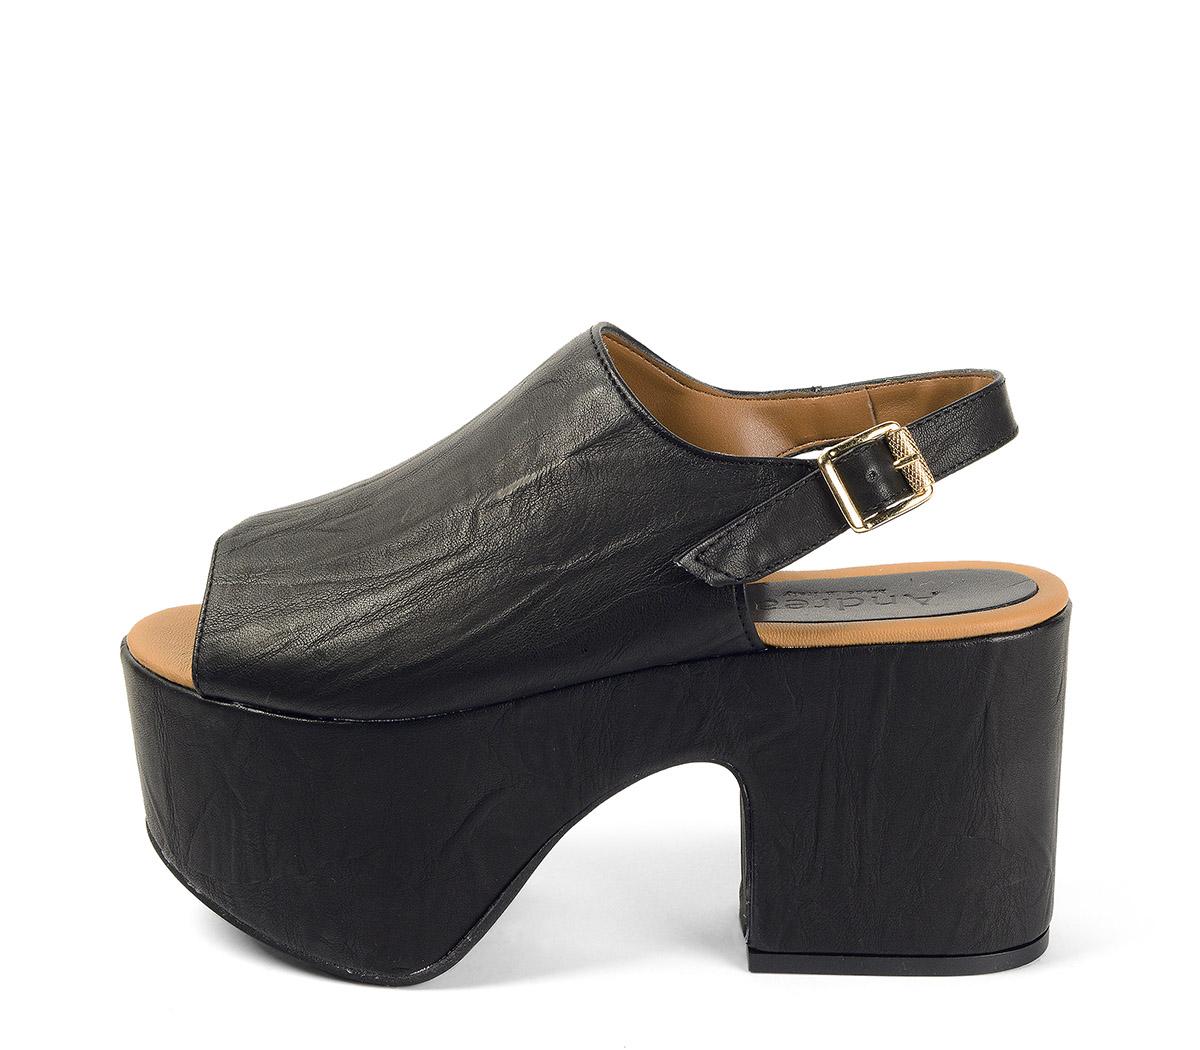 Ref. 4001 Sandalia negra con pala y tira al tobillo. Hebilla dorada. Altura tacón 9.5 cm y plataforma delantera 7.5 cm. Plantilla de piel.